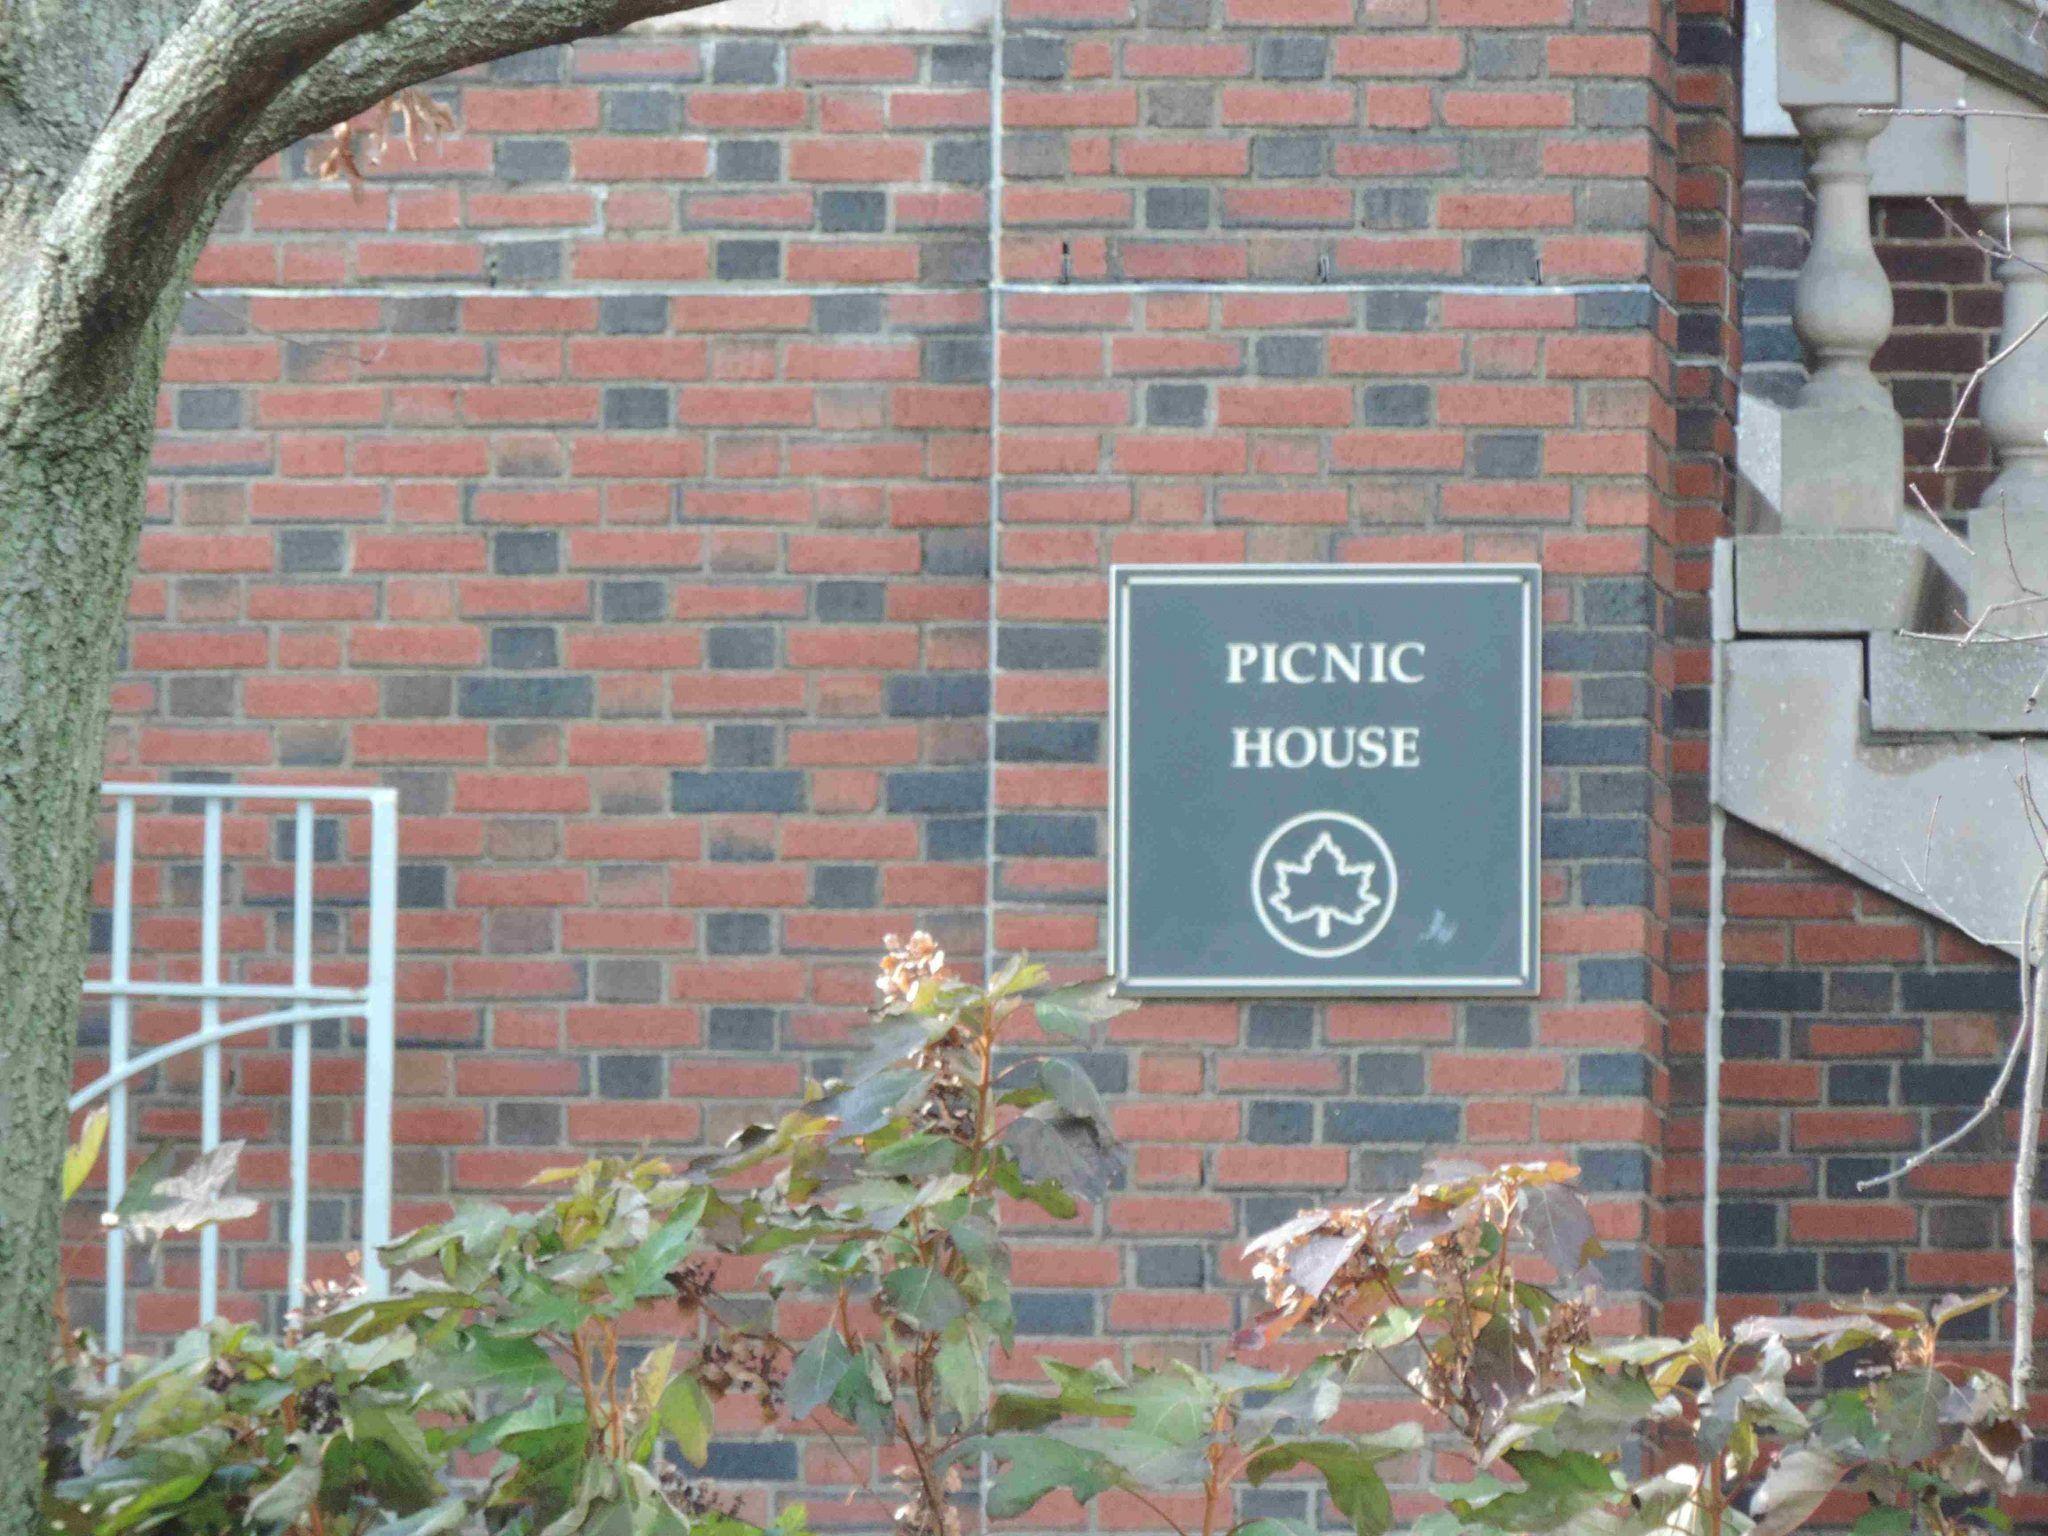 Picnic House